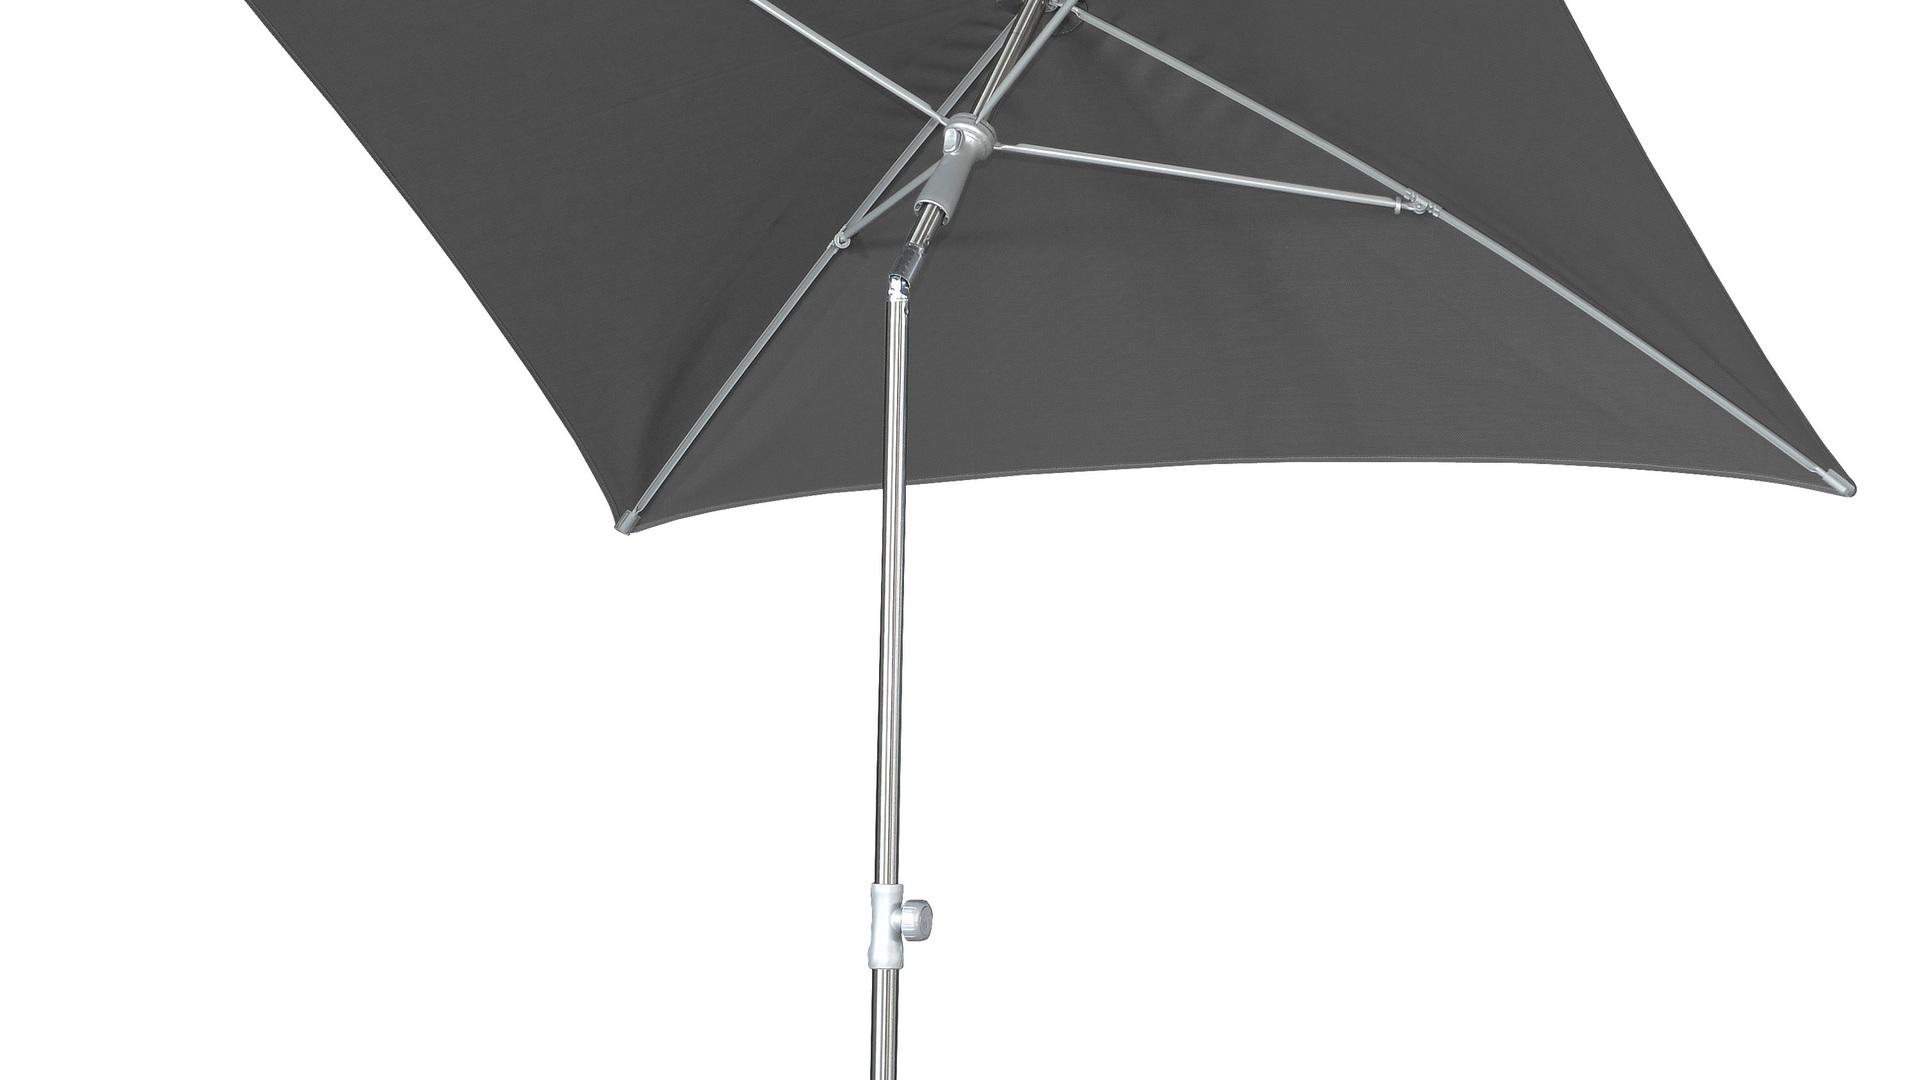 Borek metal parasol Verona 130x180 Batyline black (2).jpg